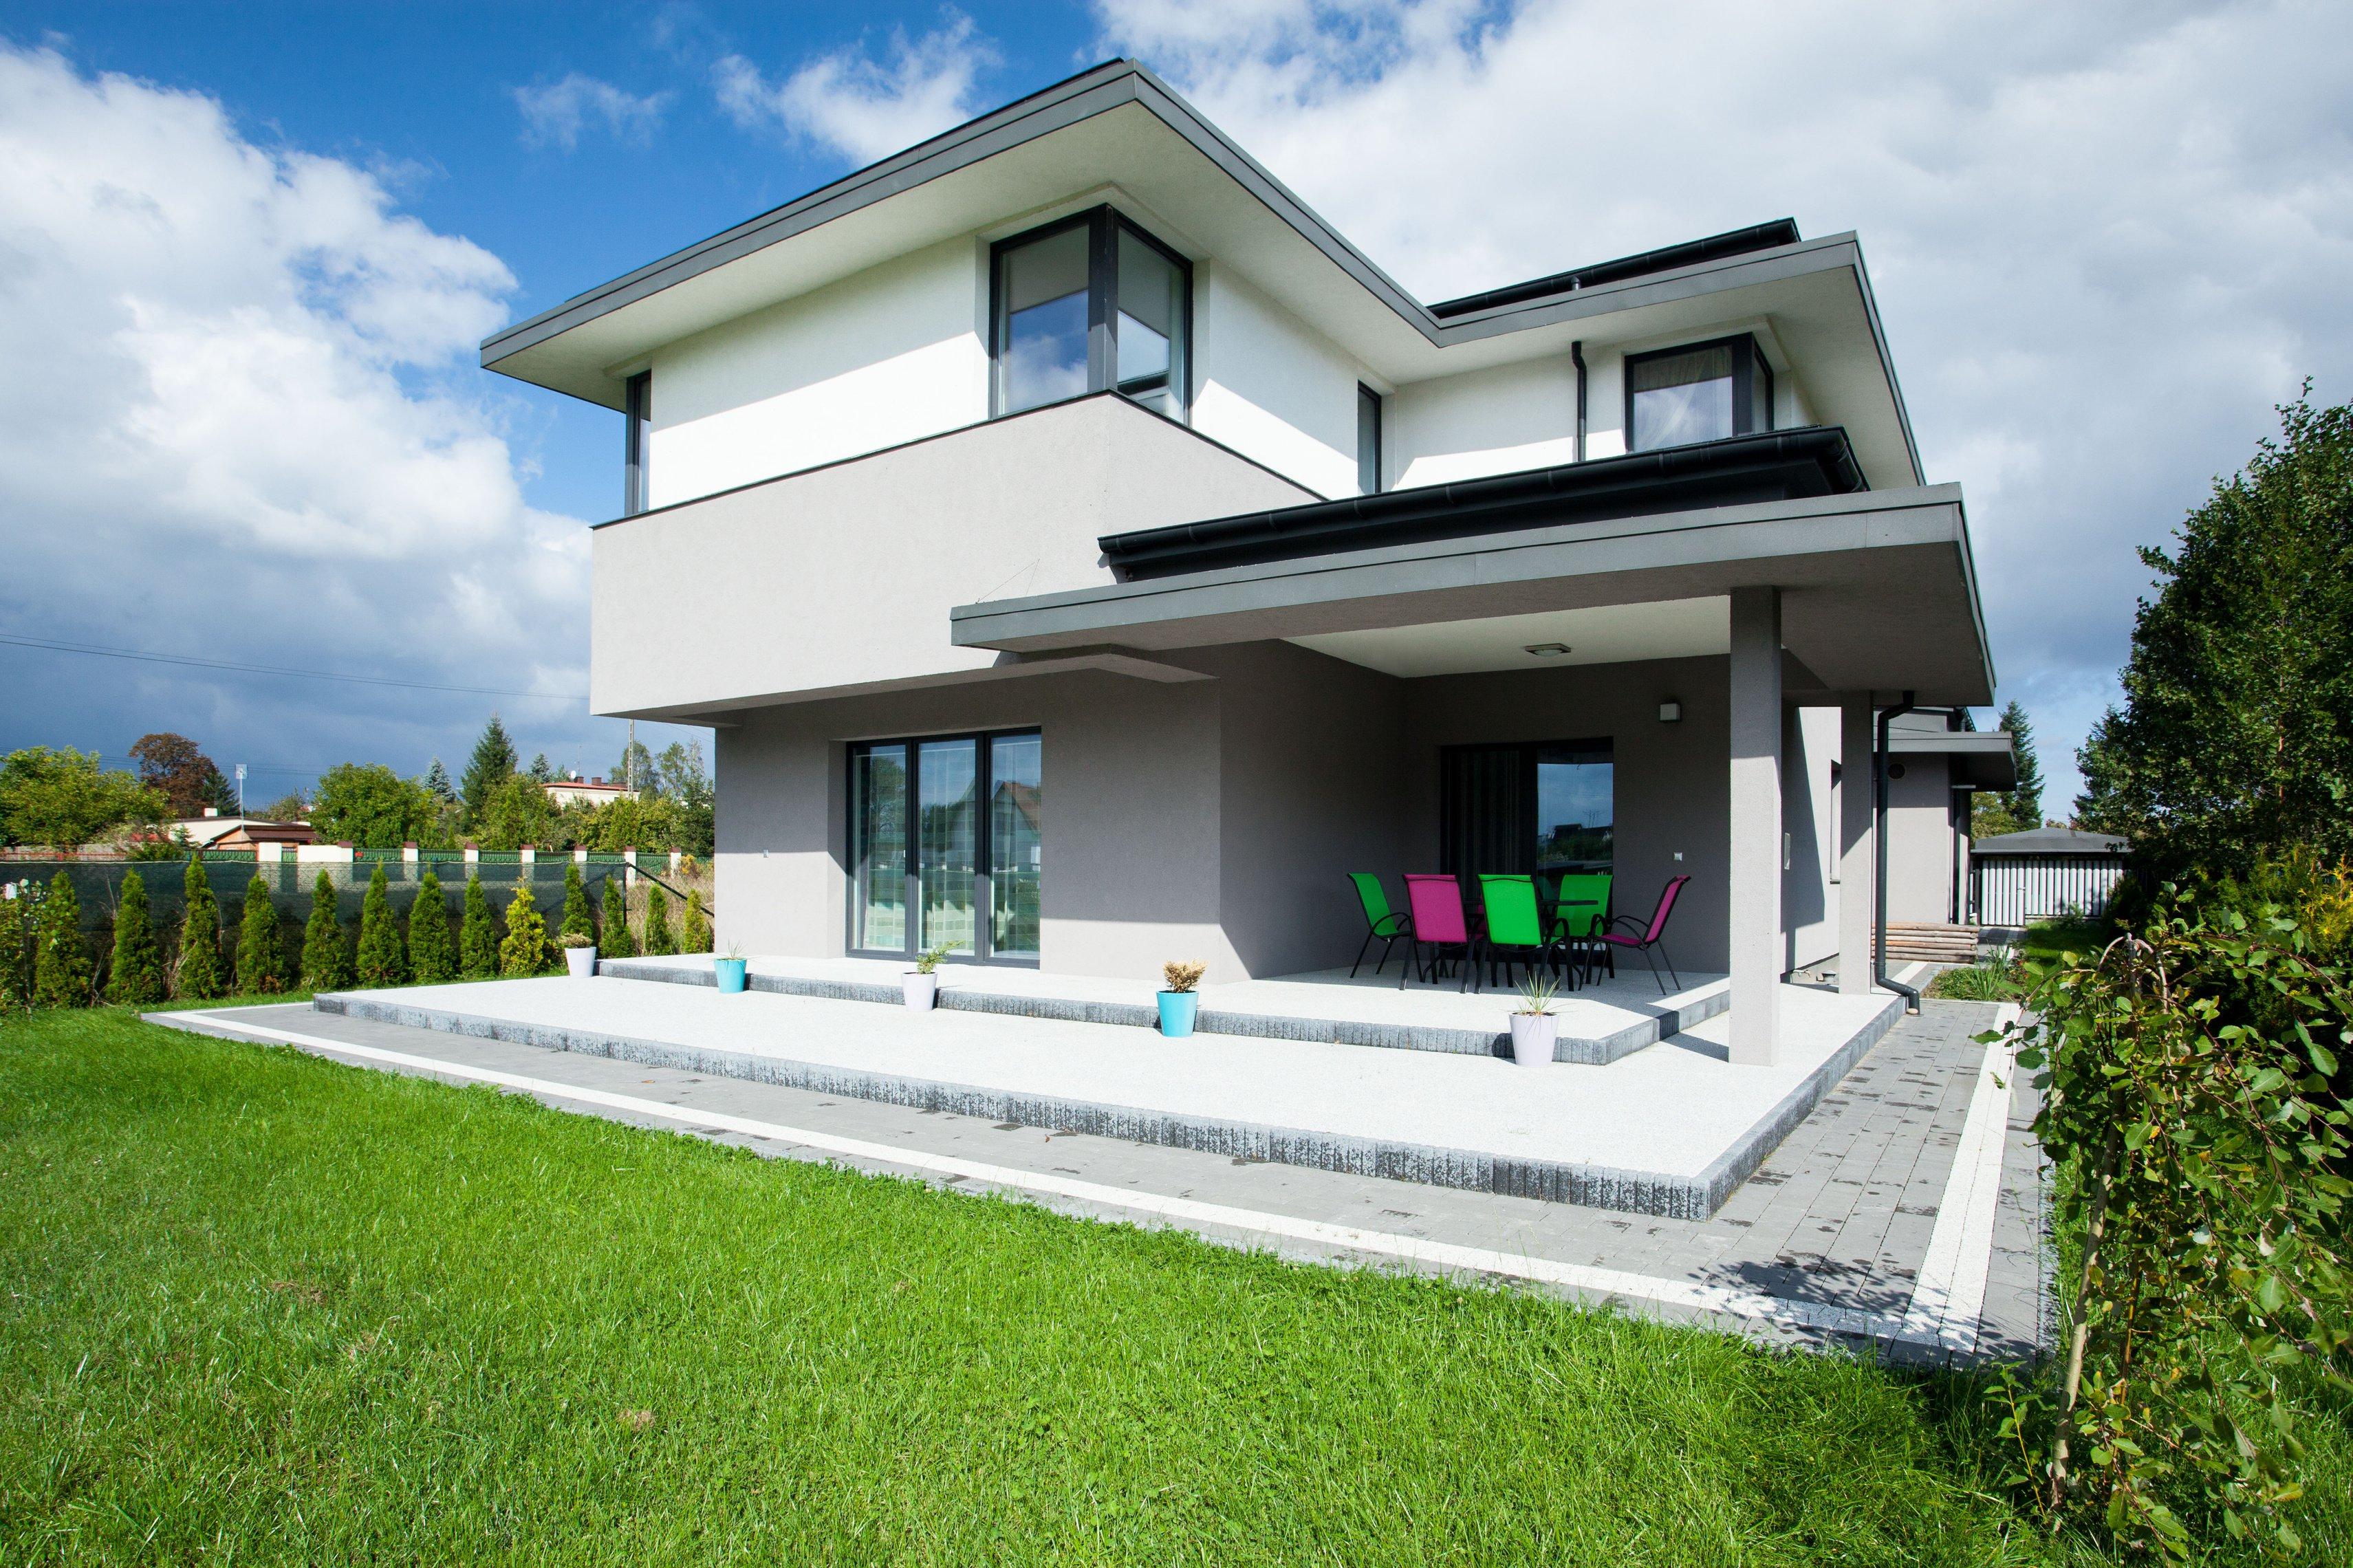 Kabe farben armasil silikonov om tka silikonov om tky - Progetto di casa moderna ...